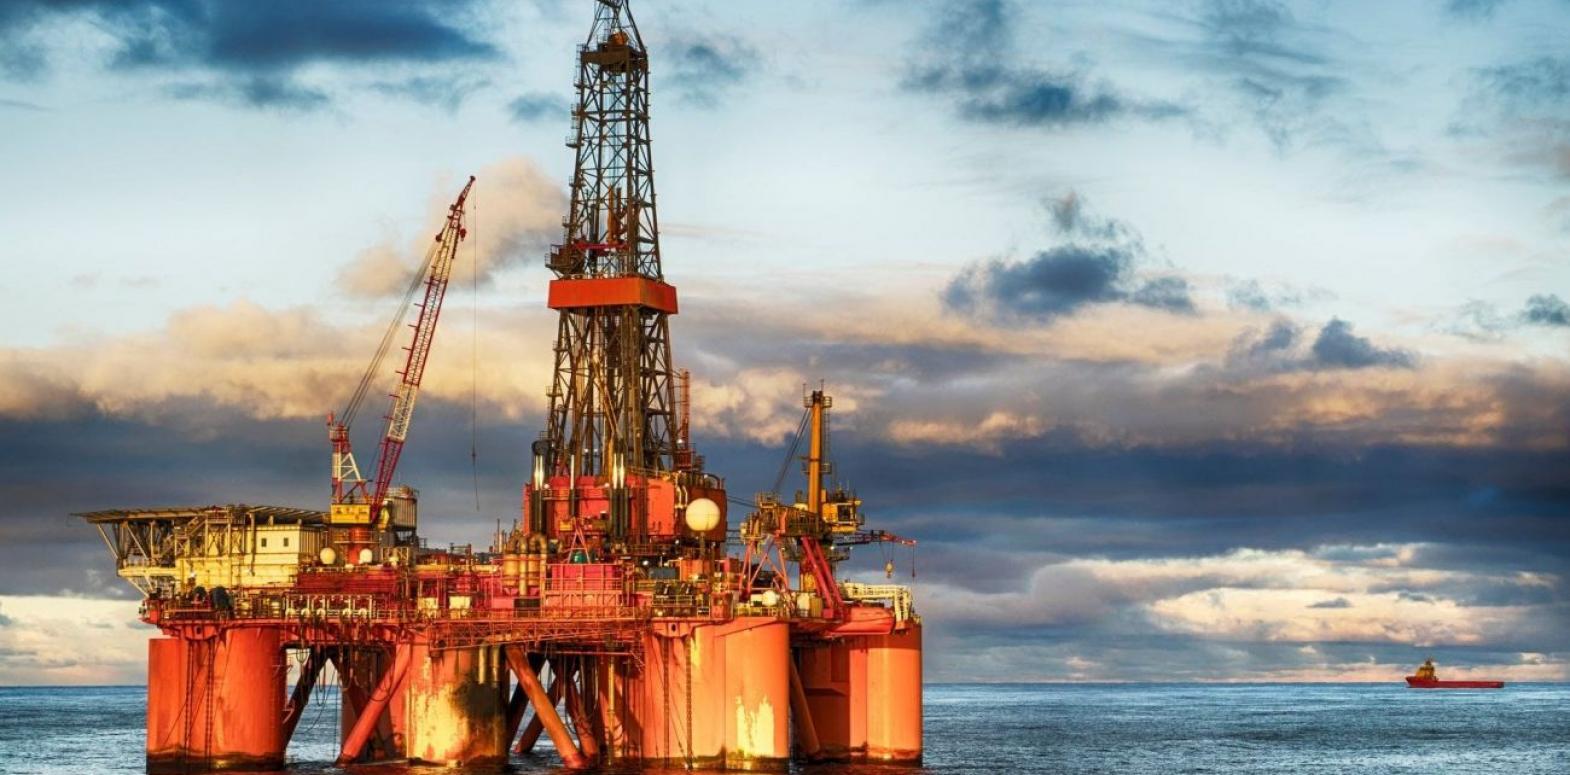 Цены на нефть падают из-за резкого укрепления доллара после заявления ФРС США